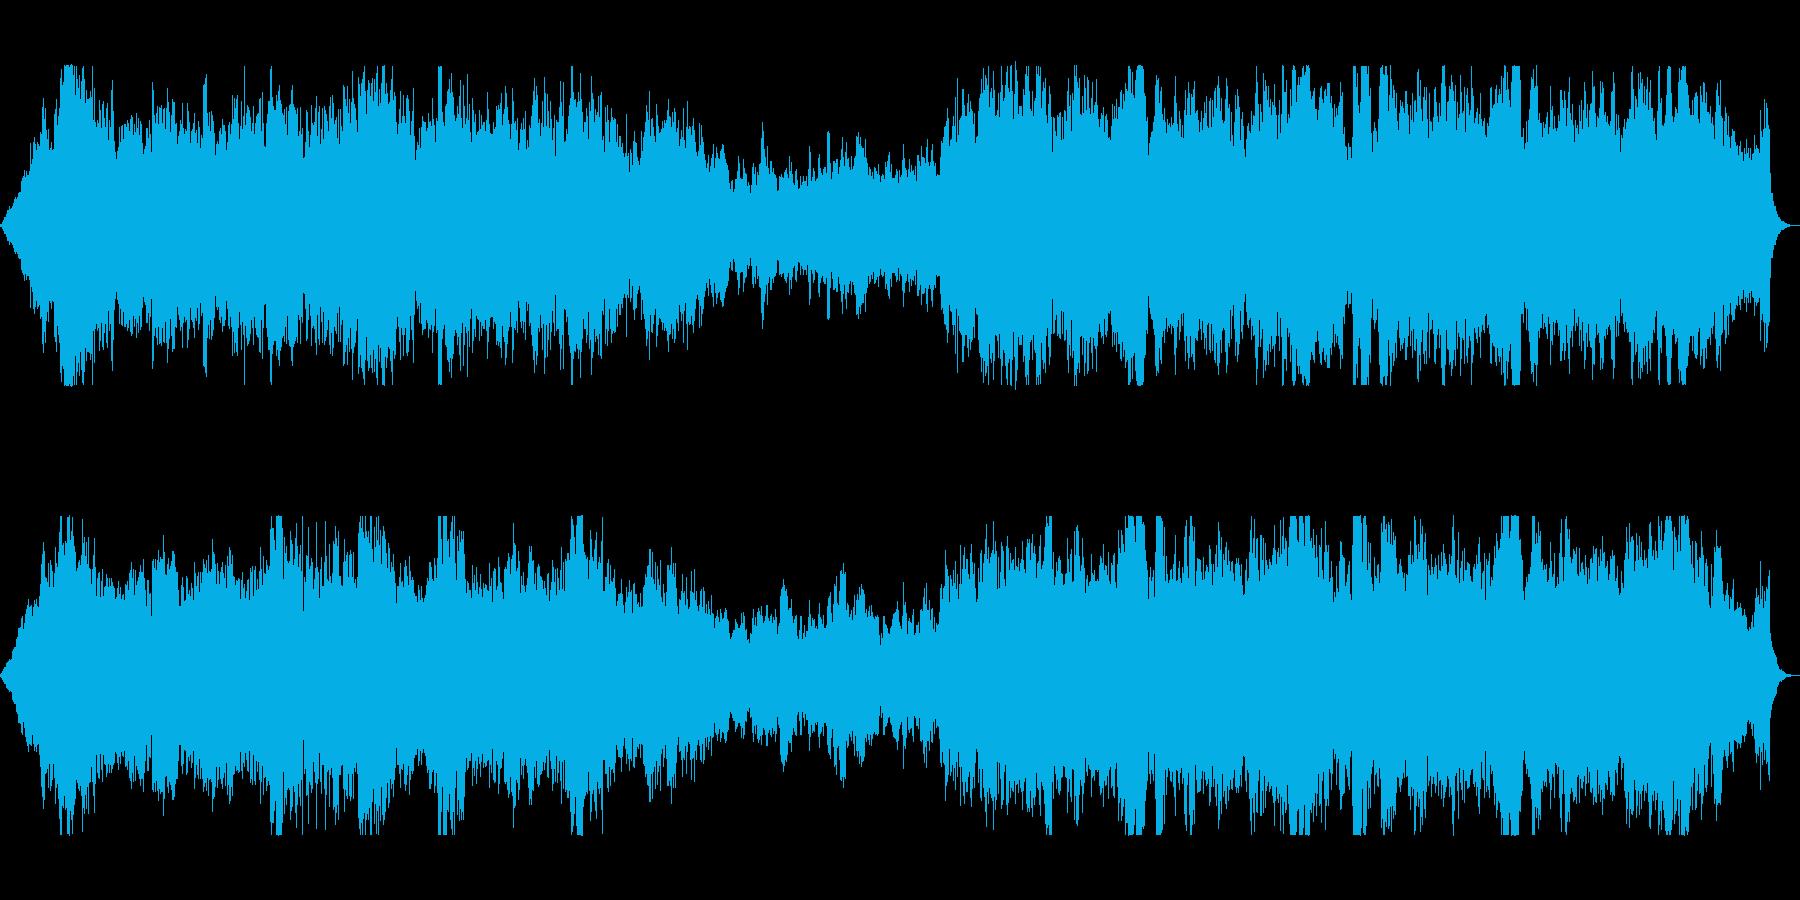 管弦楽のオーケストラの雄大な楽曲の再生済みの波形